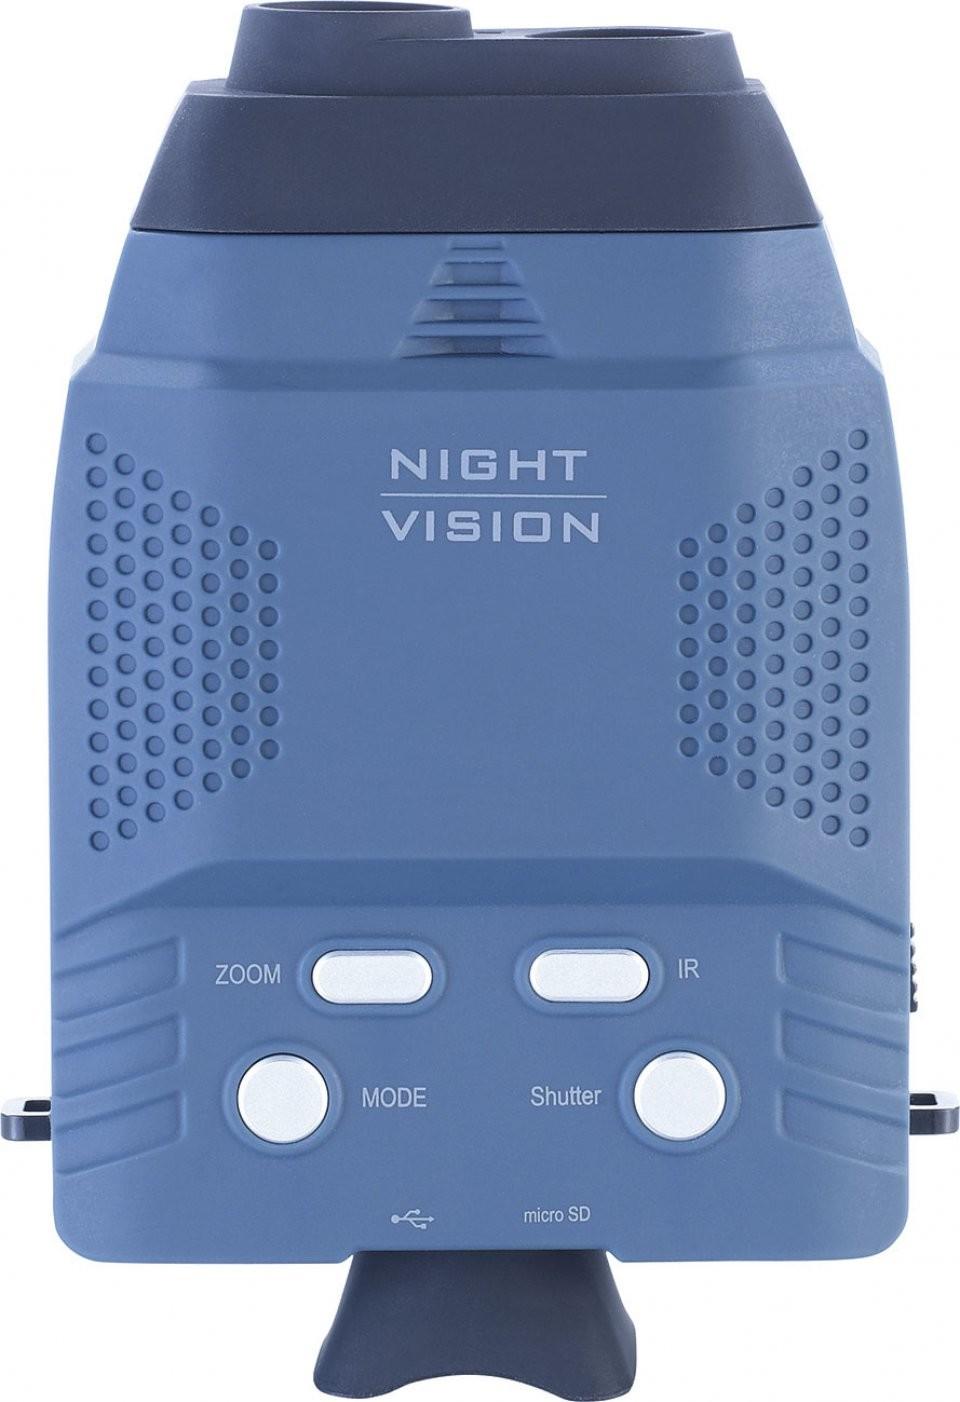 61b2efbd051033 Lunette de vision nocturne infrarouge avec zoom x5 et vidéo   Pearl.fr